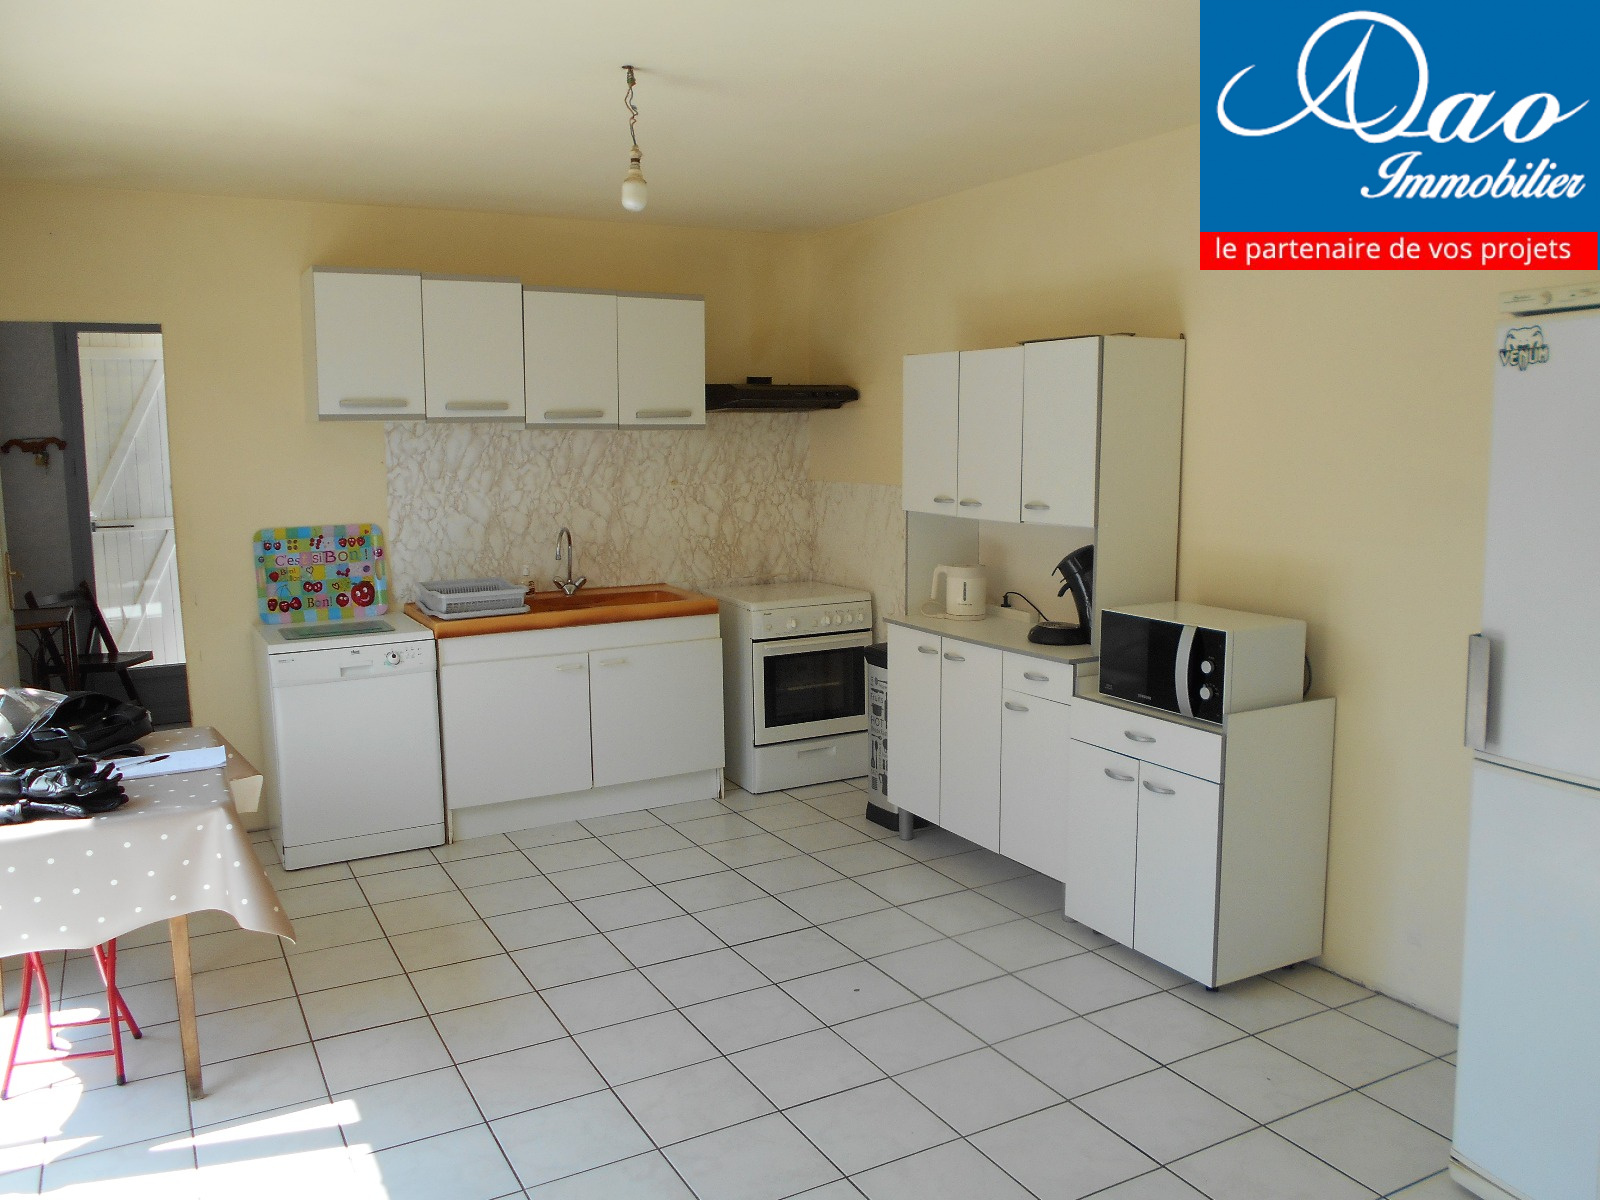 maison villa vente arcis sur aube m tres carr s 130 dans le domaine de estissac rosi res secteur h pital secteur lac ref 176